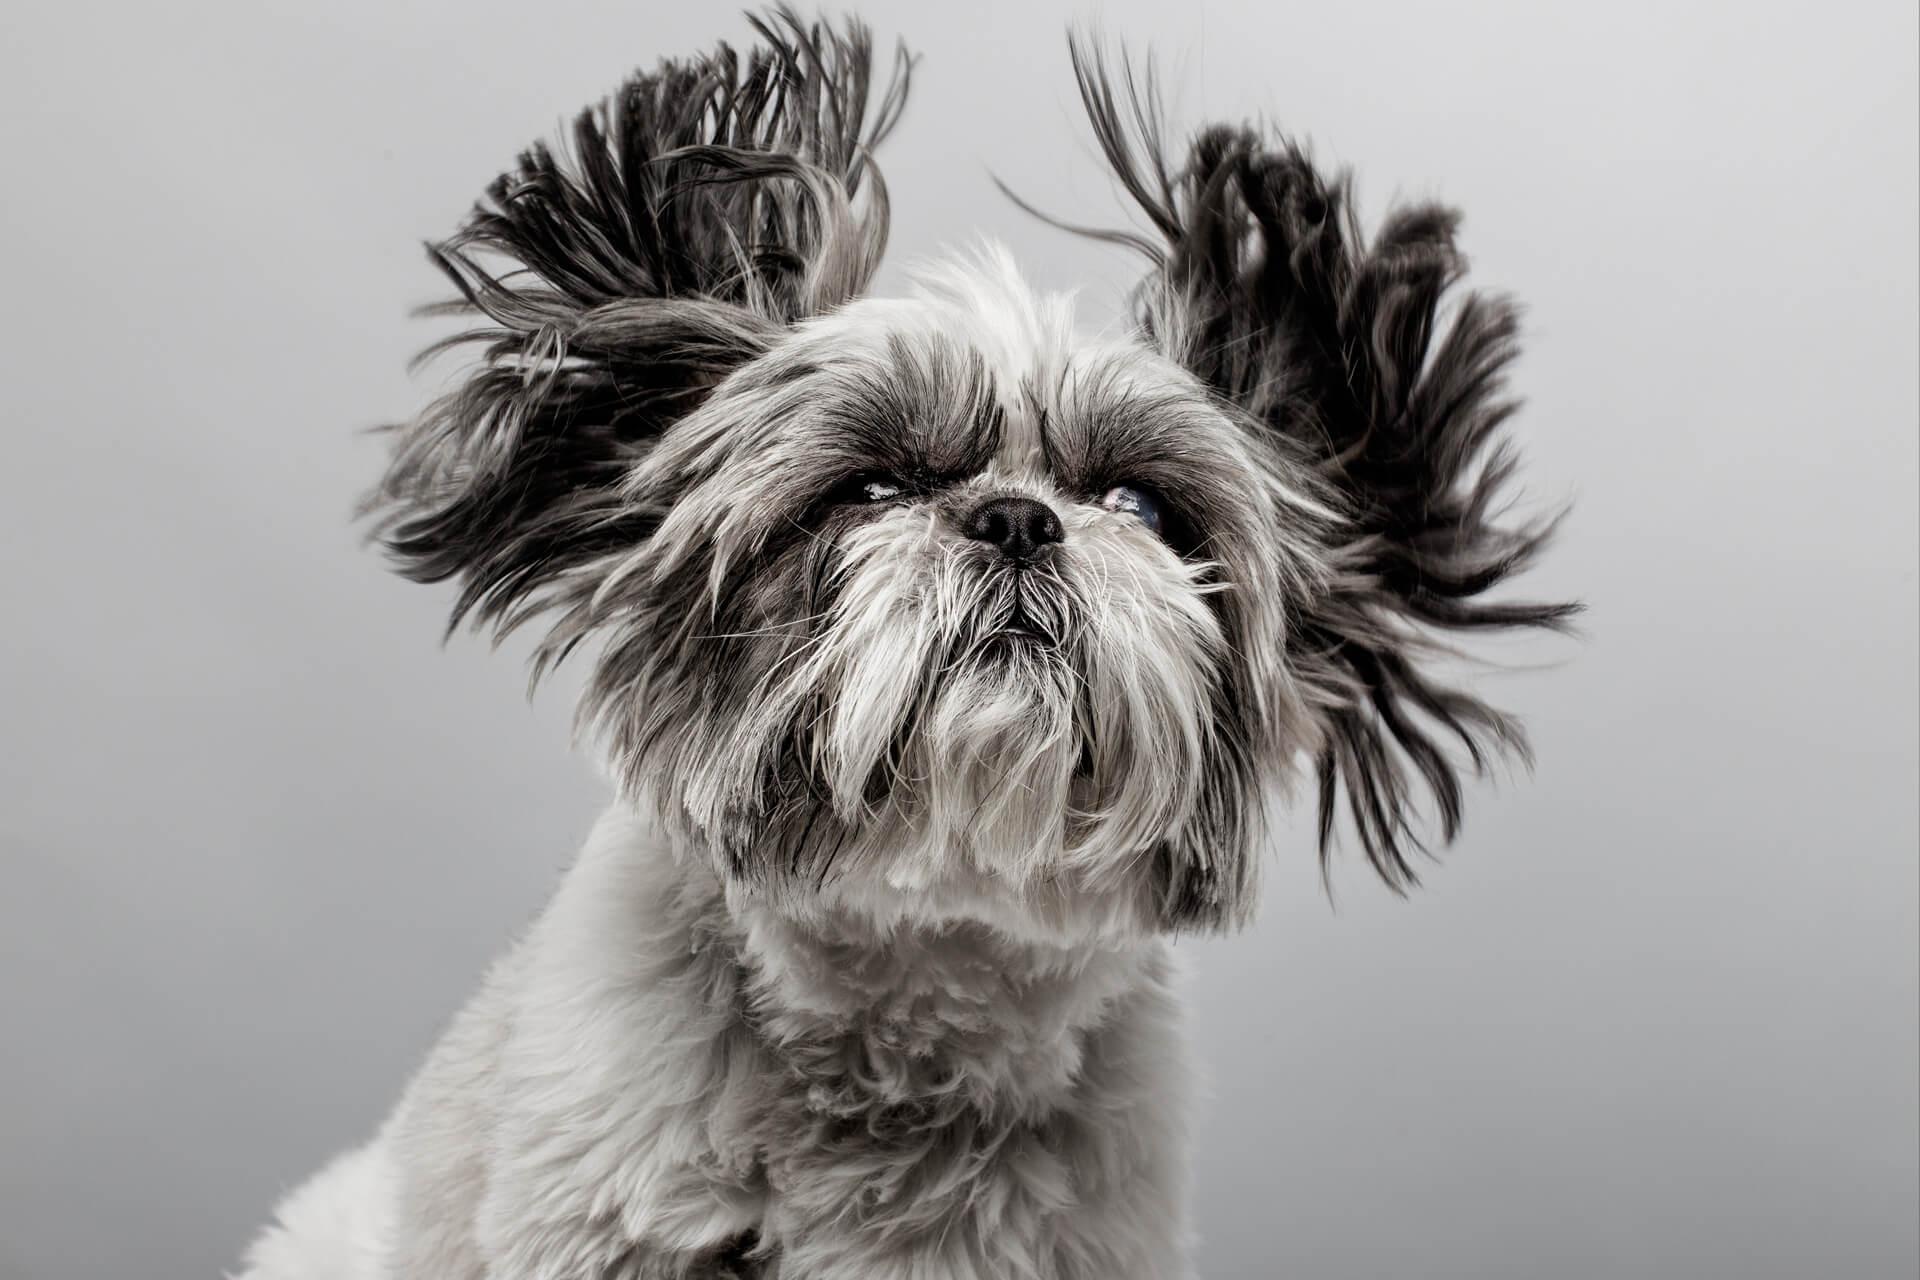 santos roman fotografo de mascotas